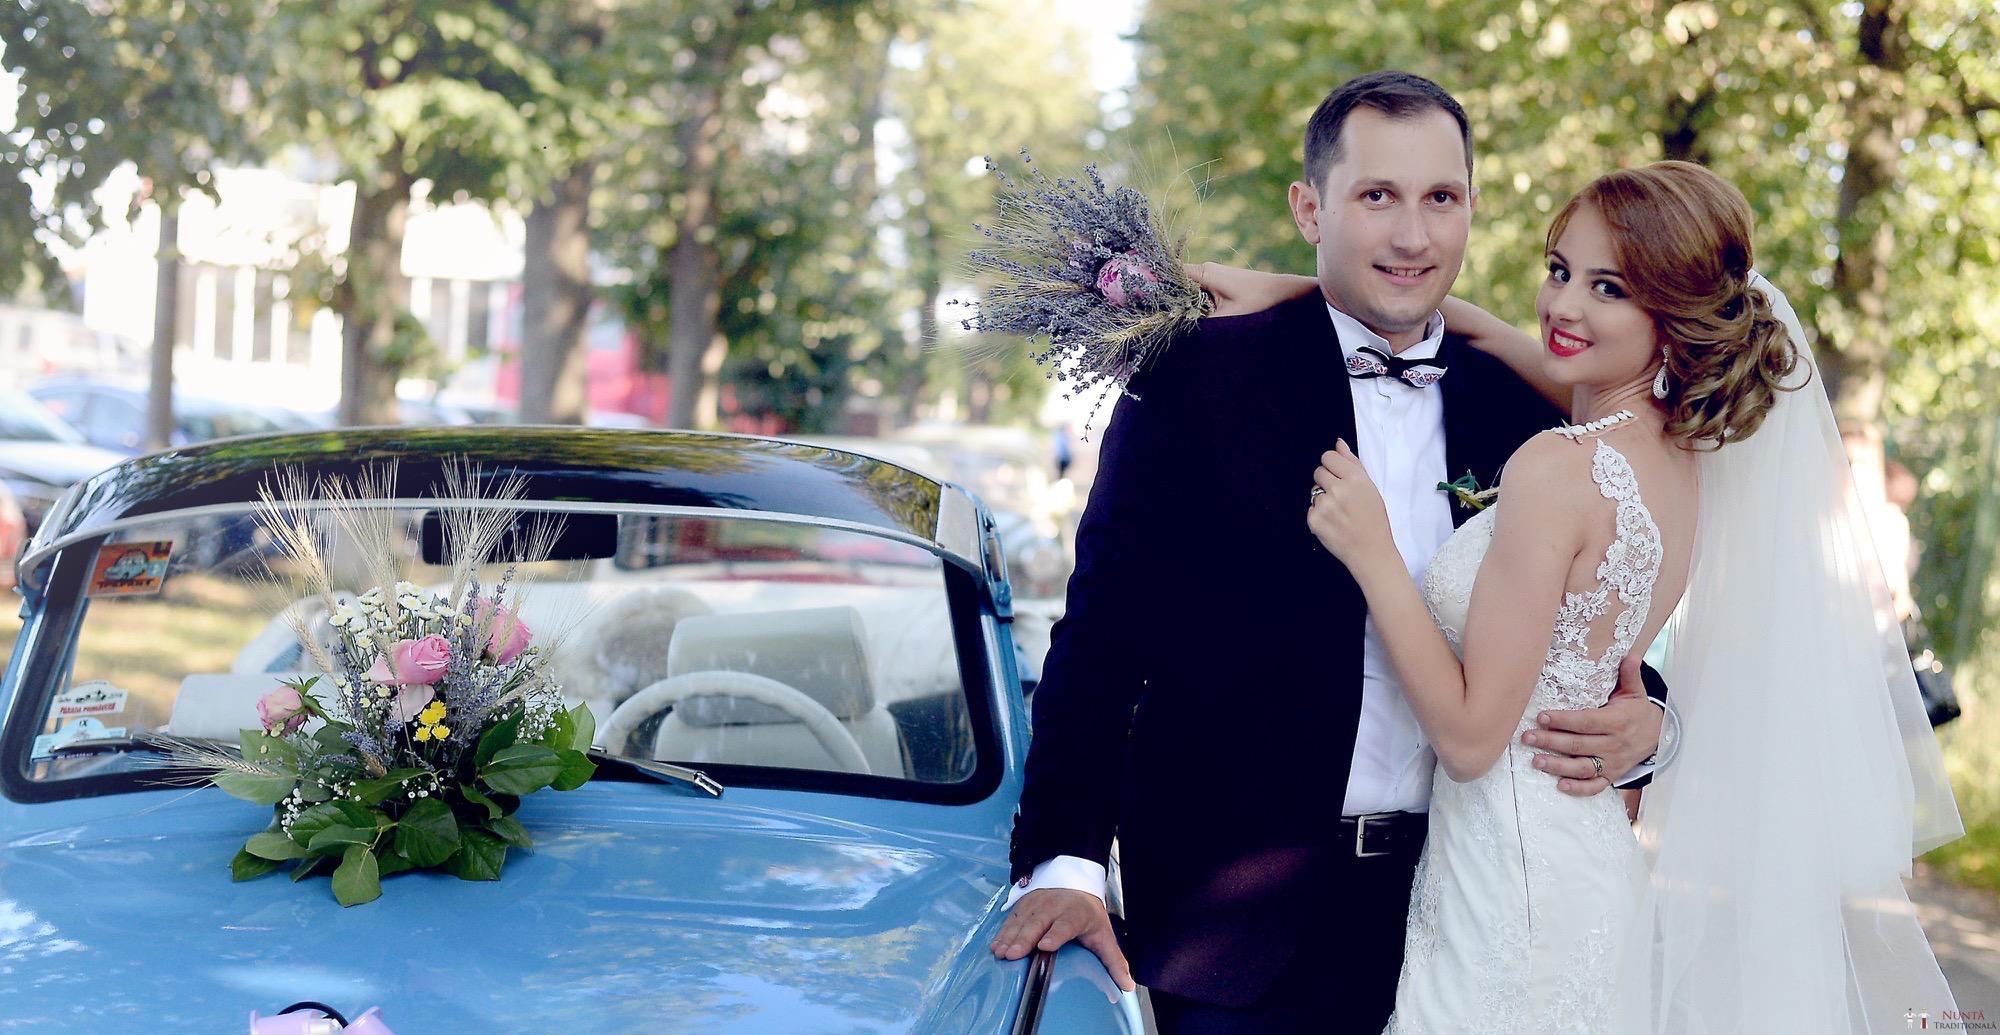 Povești Nunți Tradiționale - Iulia și Andrei. Nuntă tradițională în Bucovina. 70